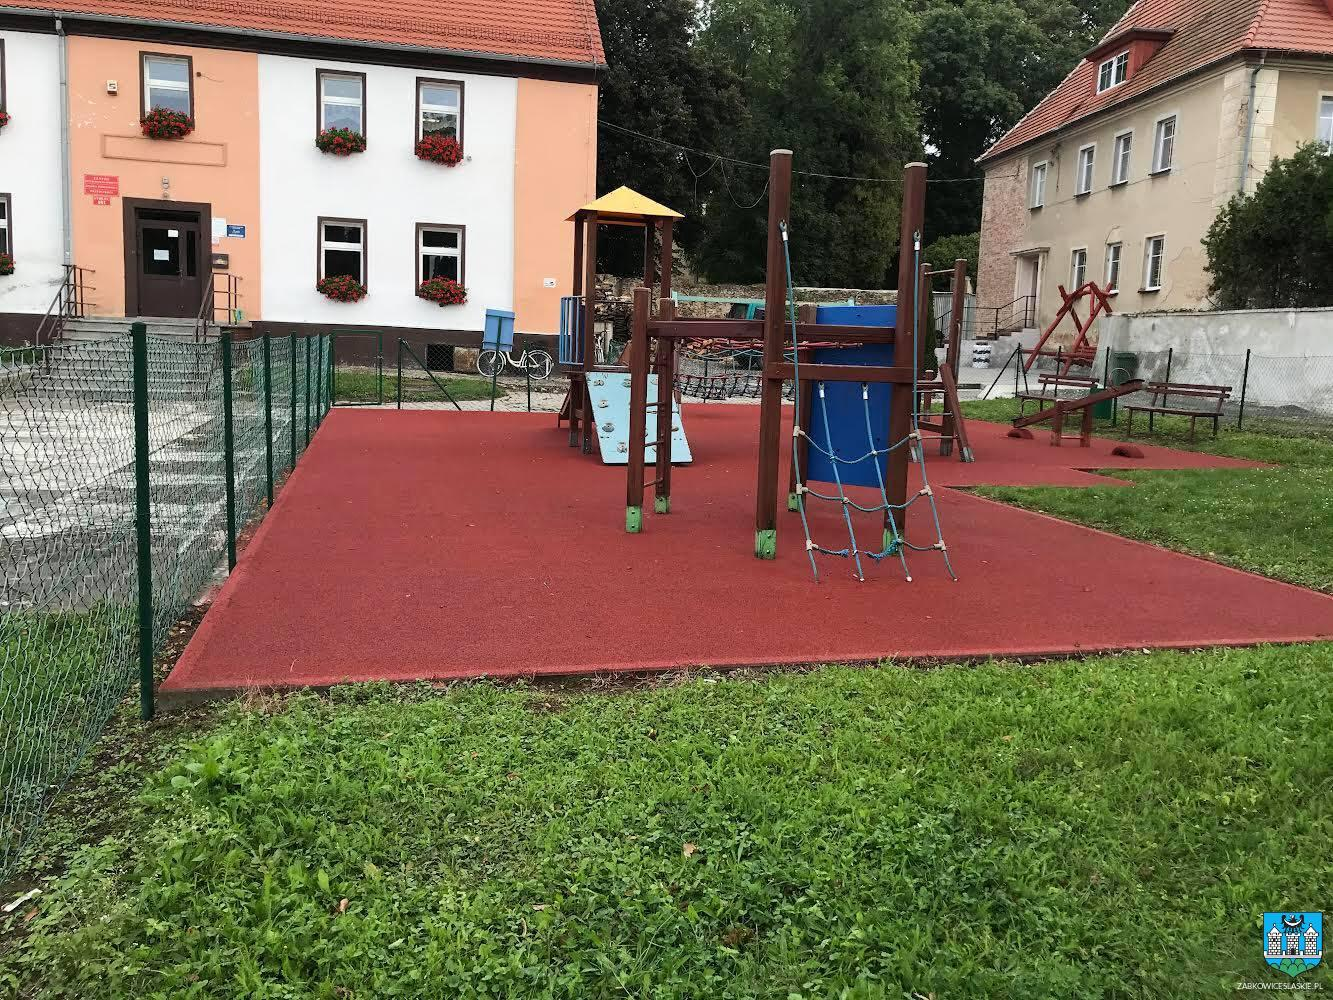 Gmina Ząbkowice Śląskie: Zmodernizowane place zabaw w Zwróconej i Stolcu - Zdjęcie główne